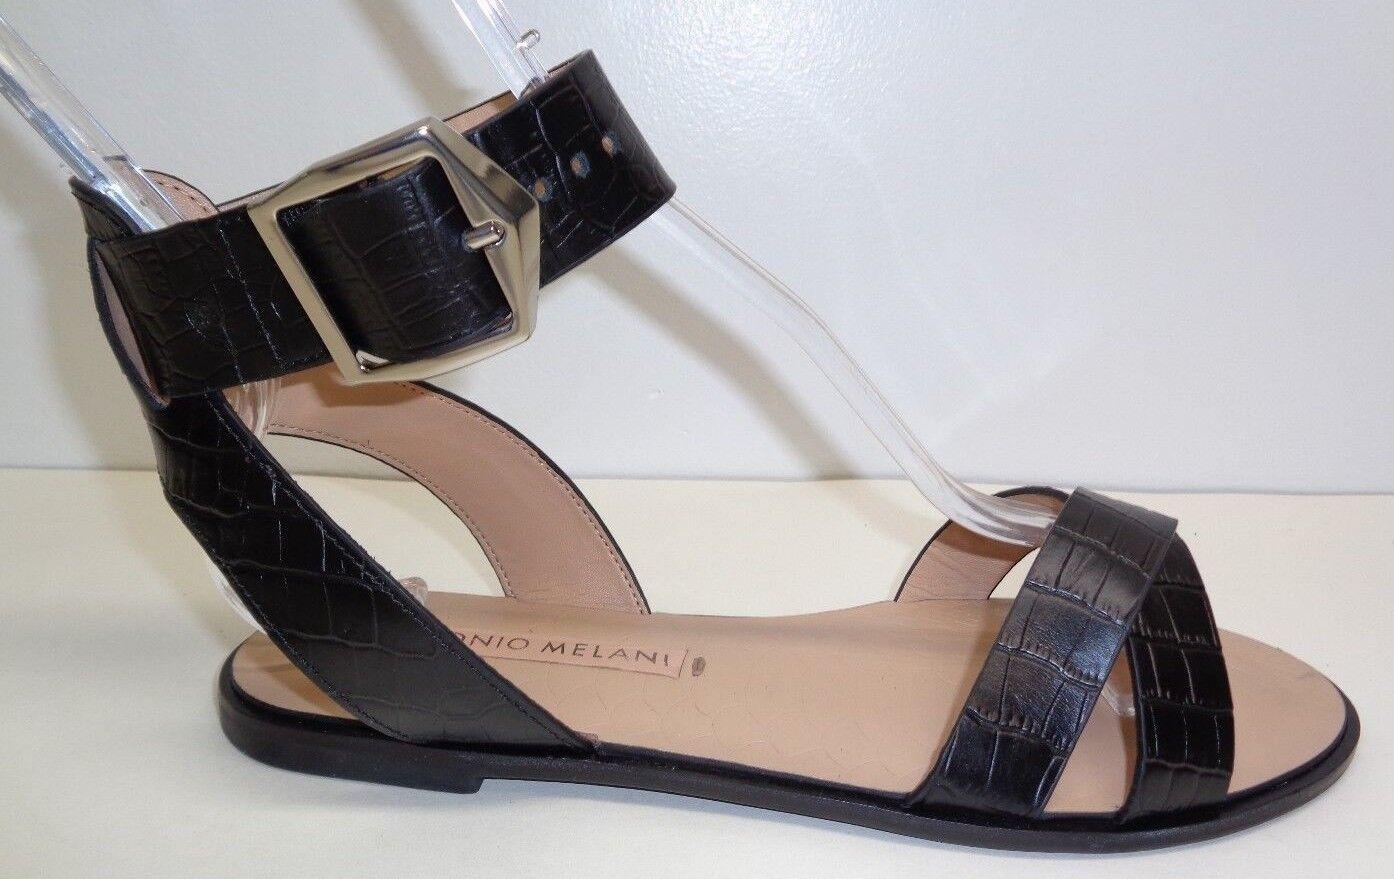 Antonio Melani Size 7.5 M DUANE Black Leather Cross Sandals New Womens shoes